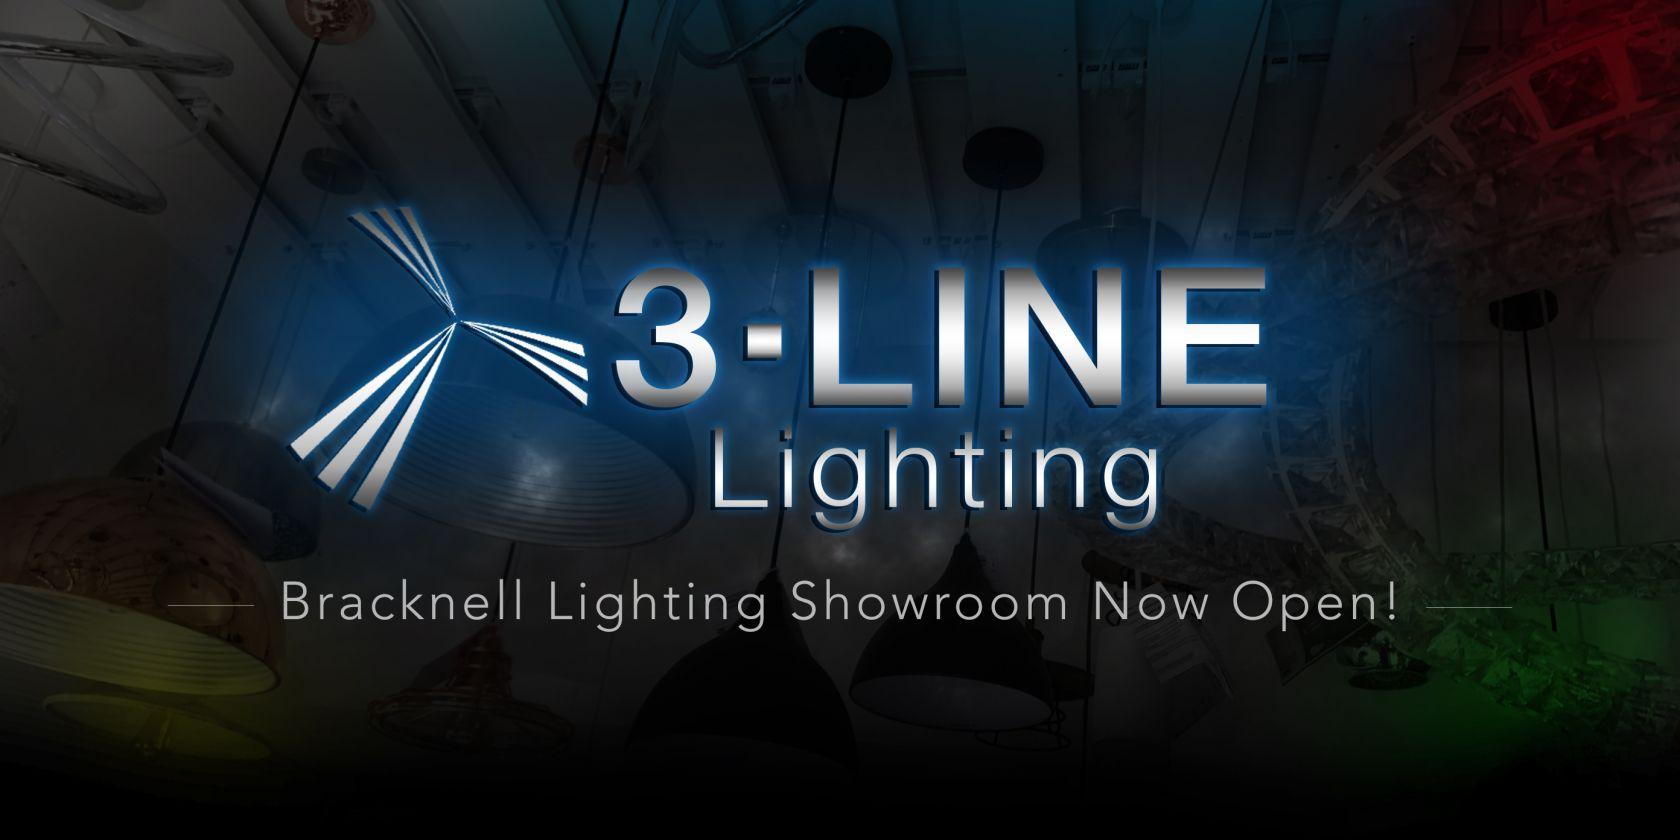 Lighting Showroom Image 1